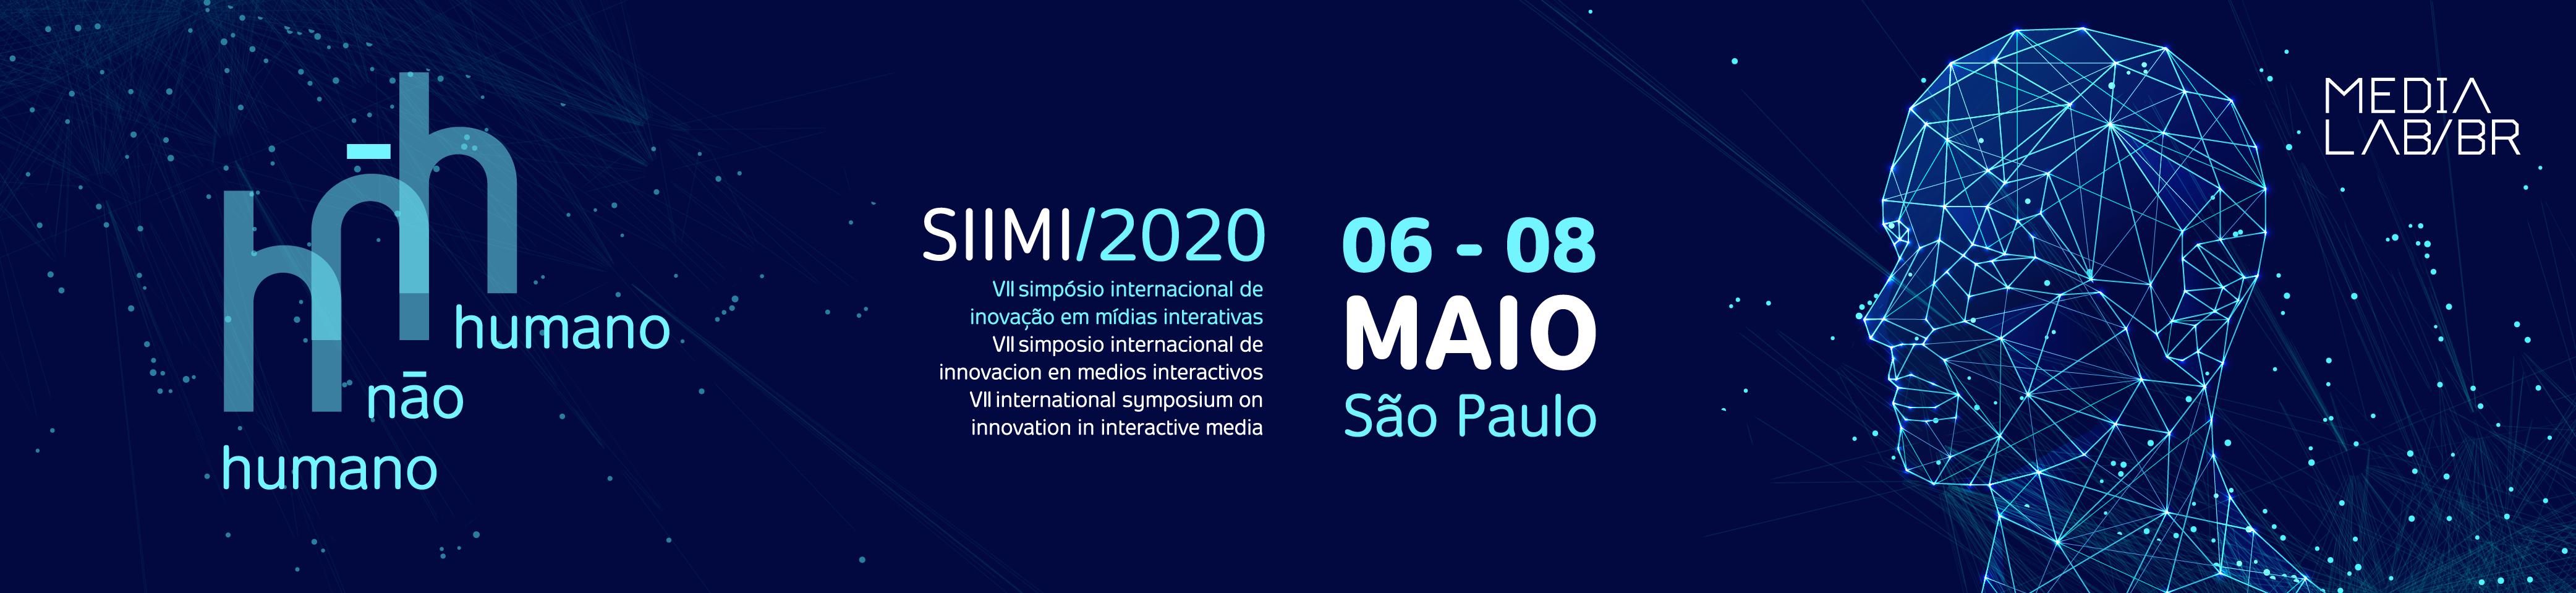 Banner do Simpósio Internacional de Inovação em Mídias Interativas 2020